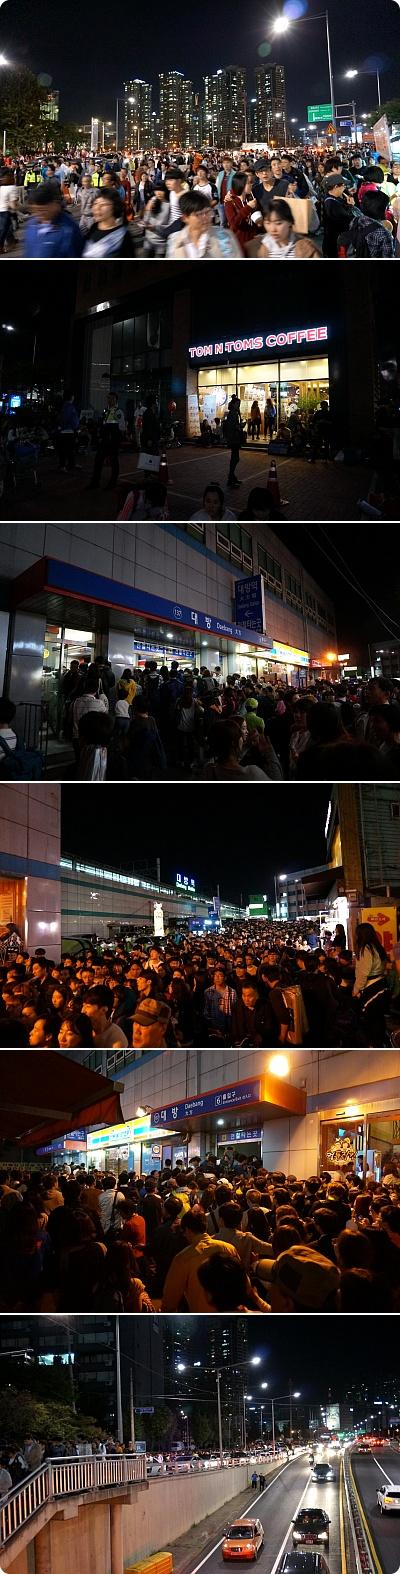 ソウル花火大会の後2時間を歩いて家に、花火の後遺症